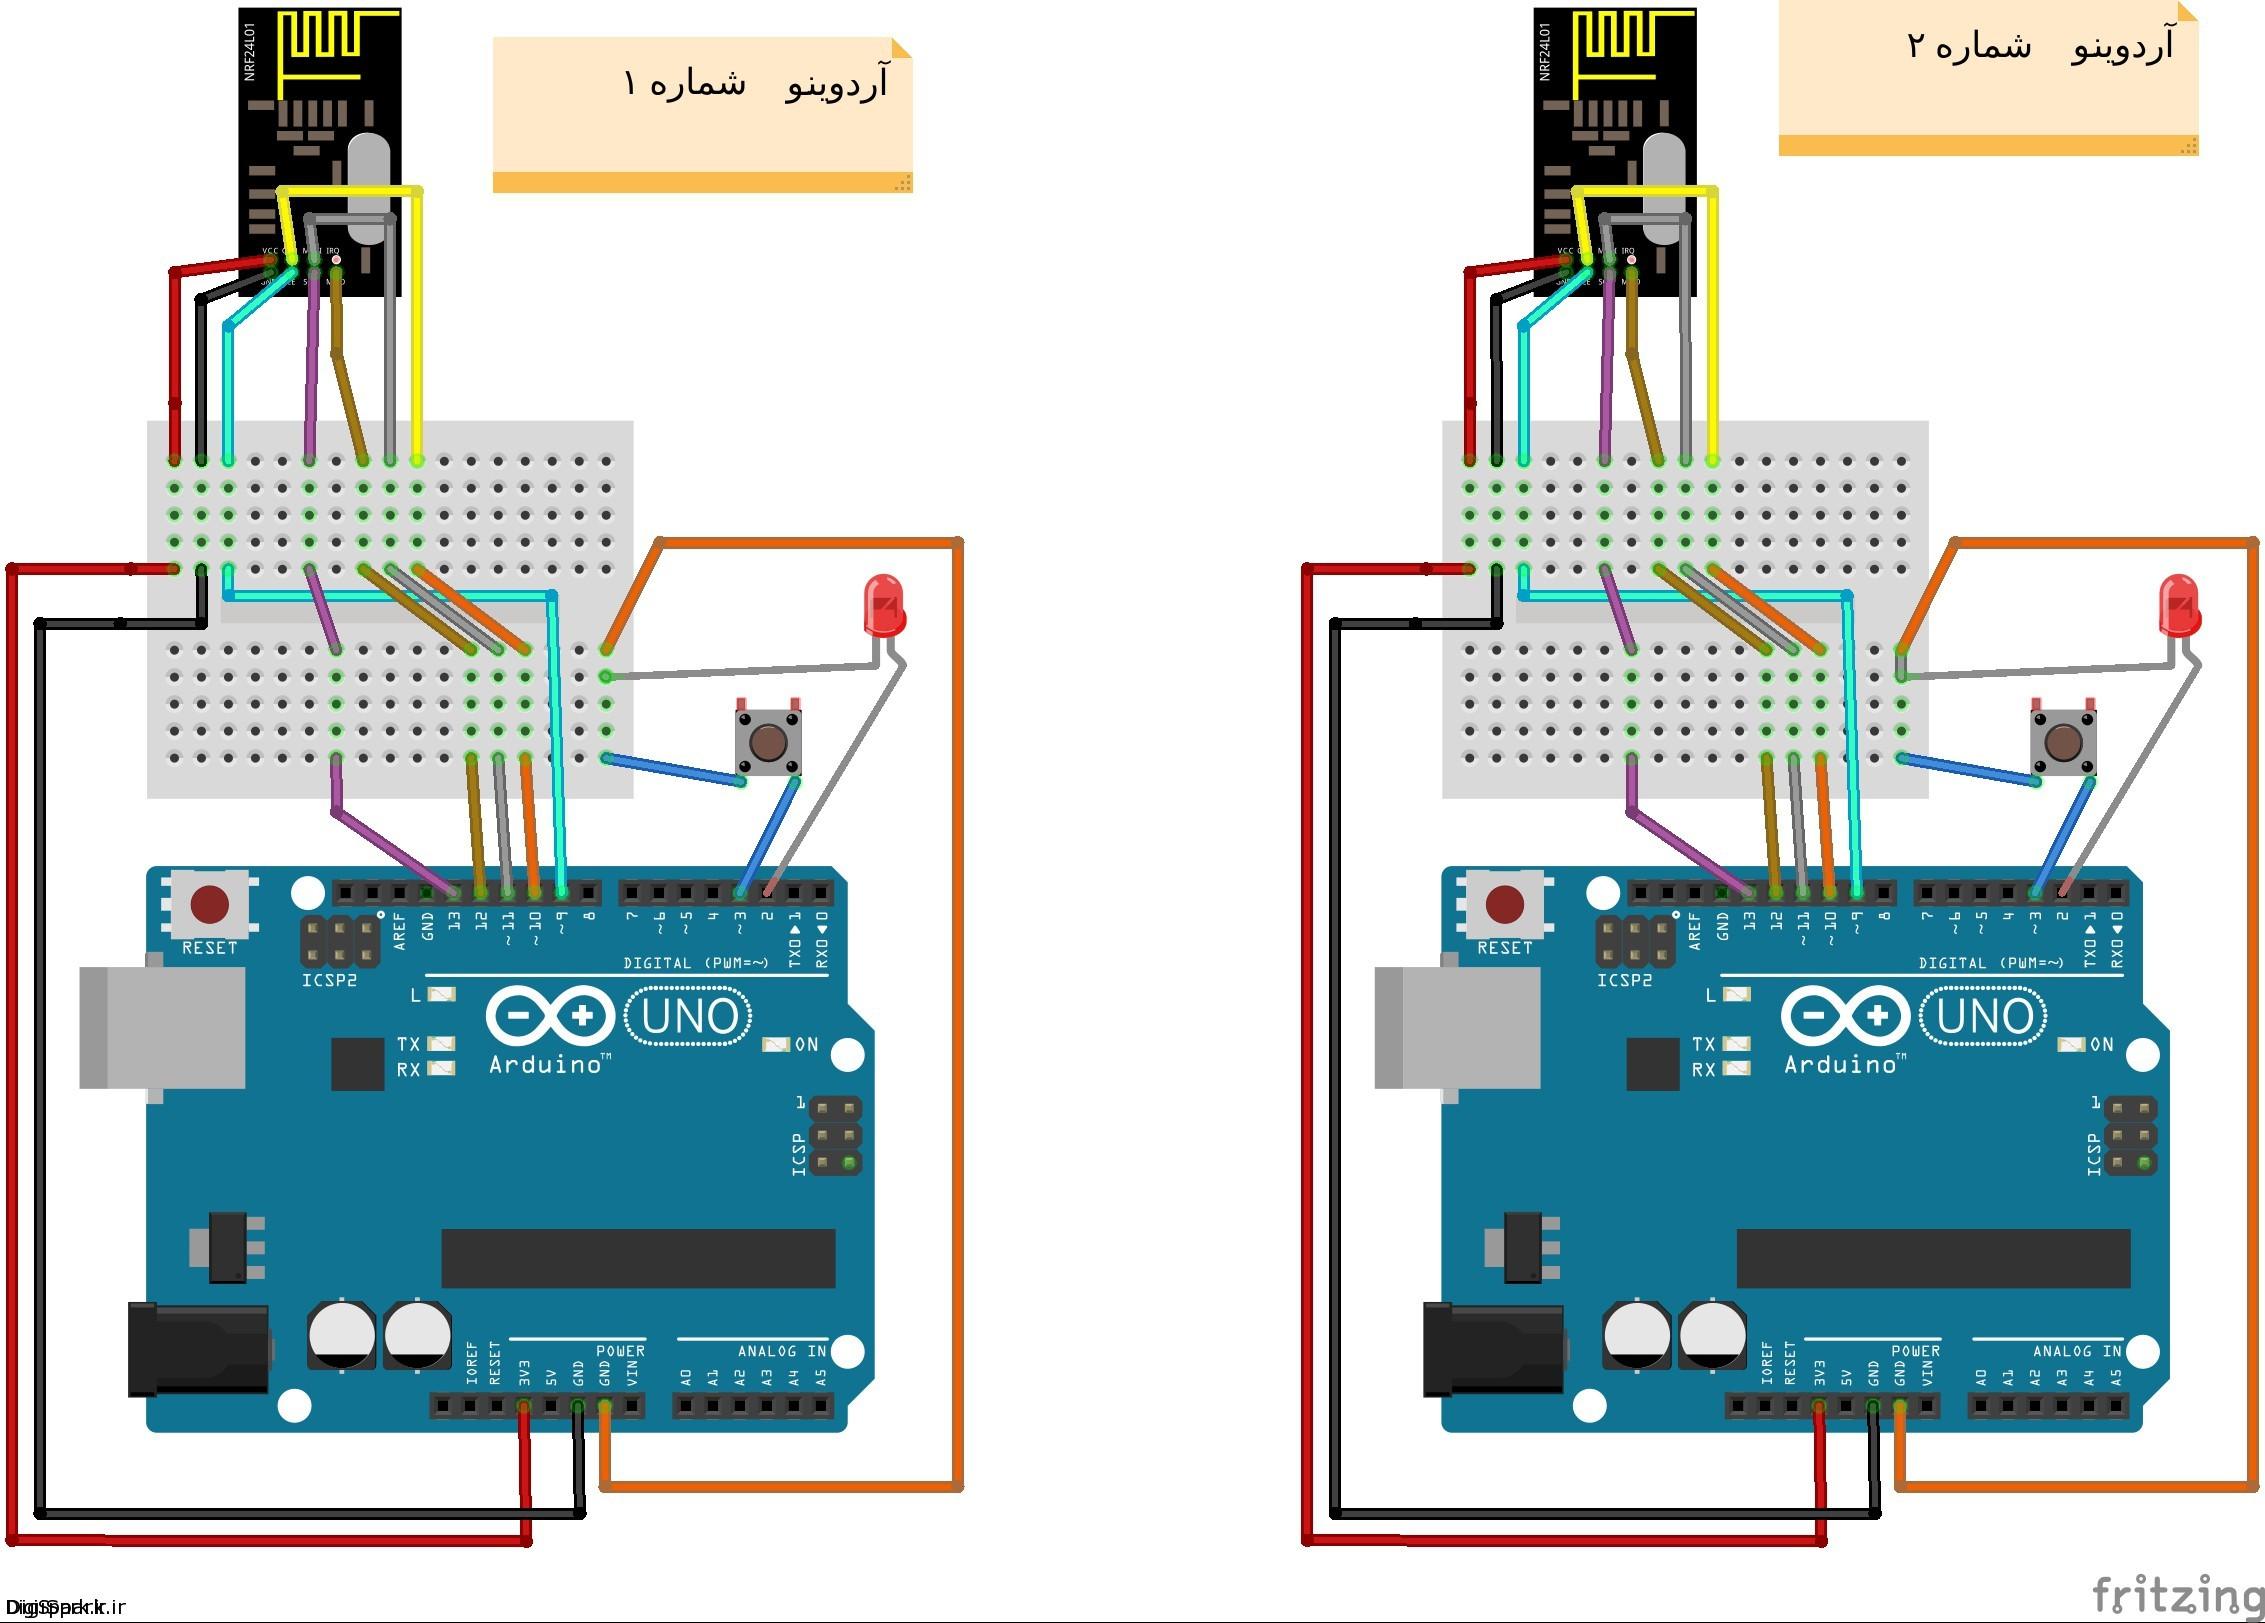 اتصالات دو عدد ماژول nrf24l01 به دو عدد آردوینو